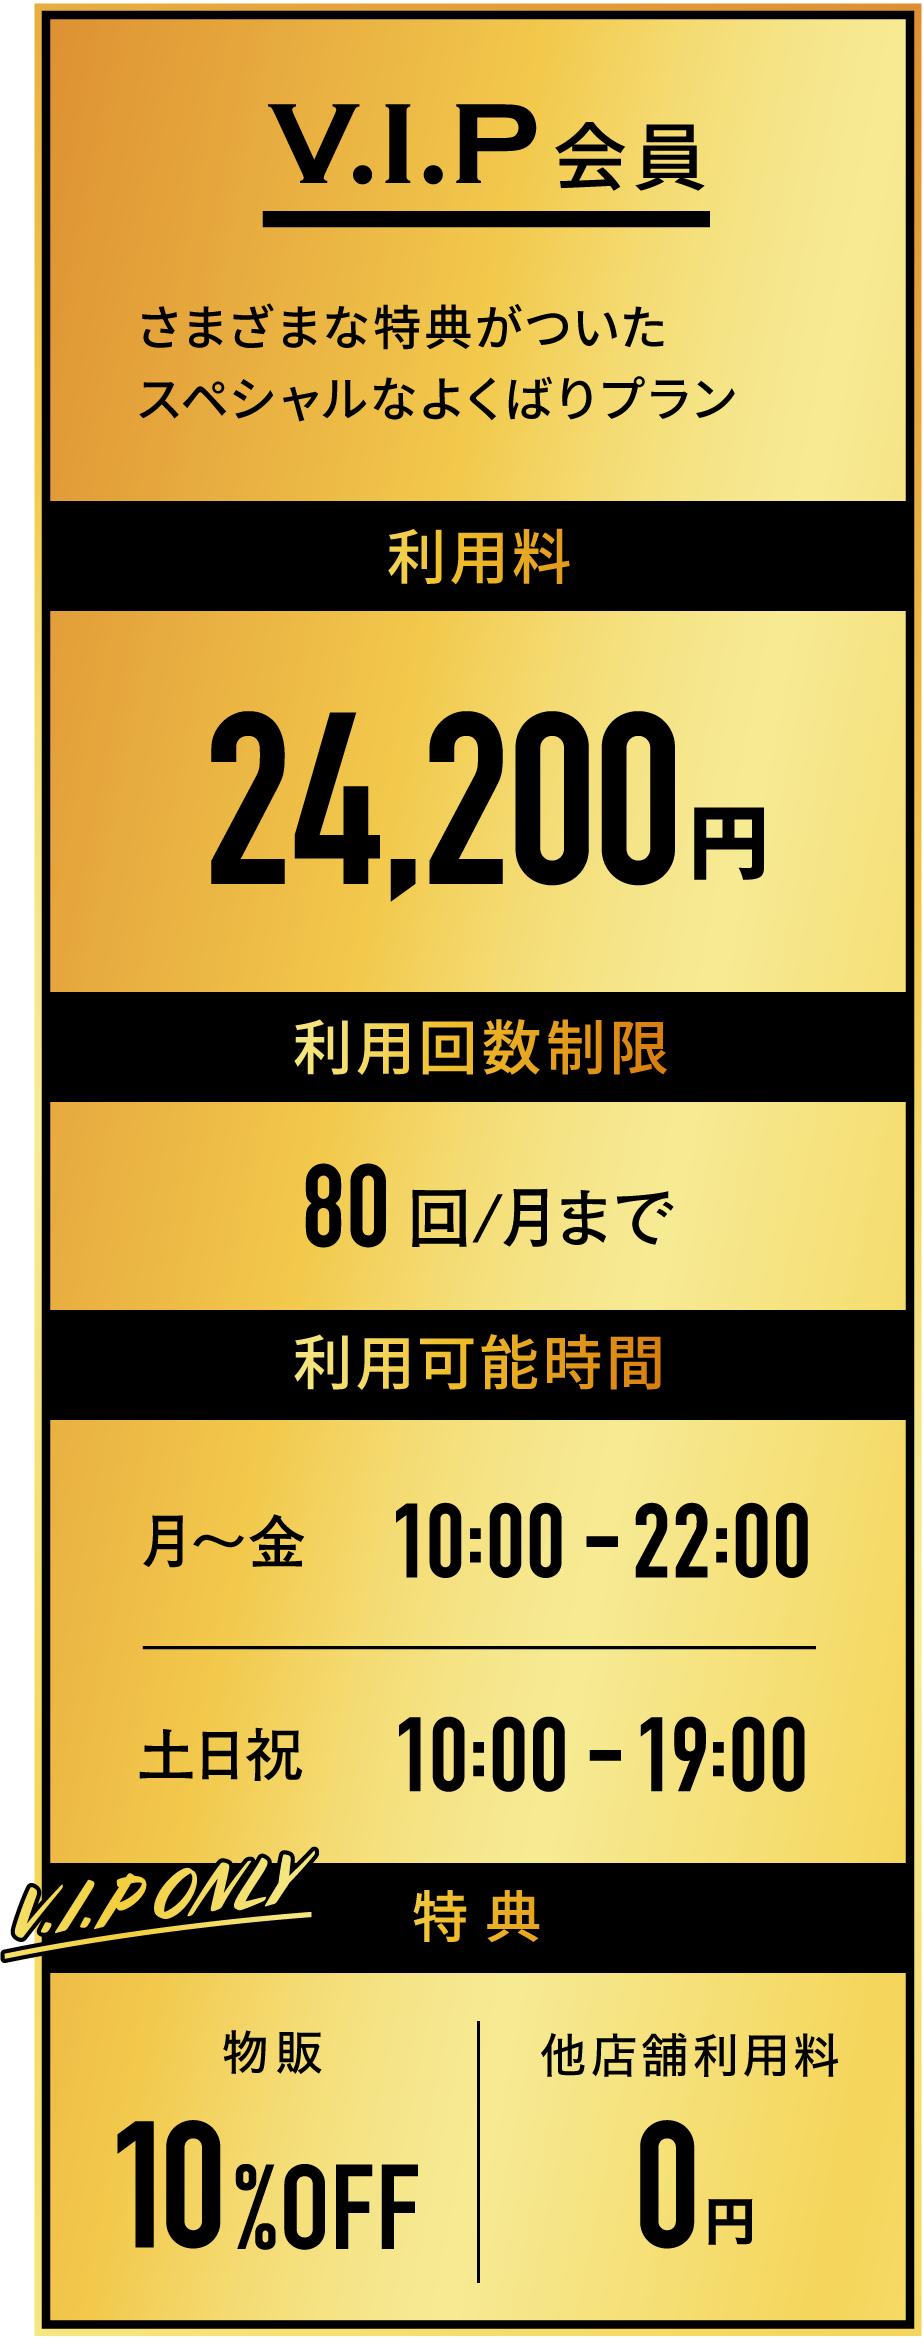 利用料:24200円 利用回数制限:80回/月まで 利用可能時間:平日10時~22時、土日祝10時~19時 特典:物販10%オフ、他店舗利用料0円 価格は全て税込み表記です。